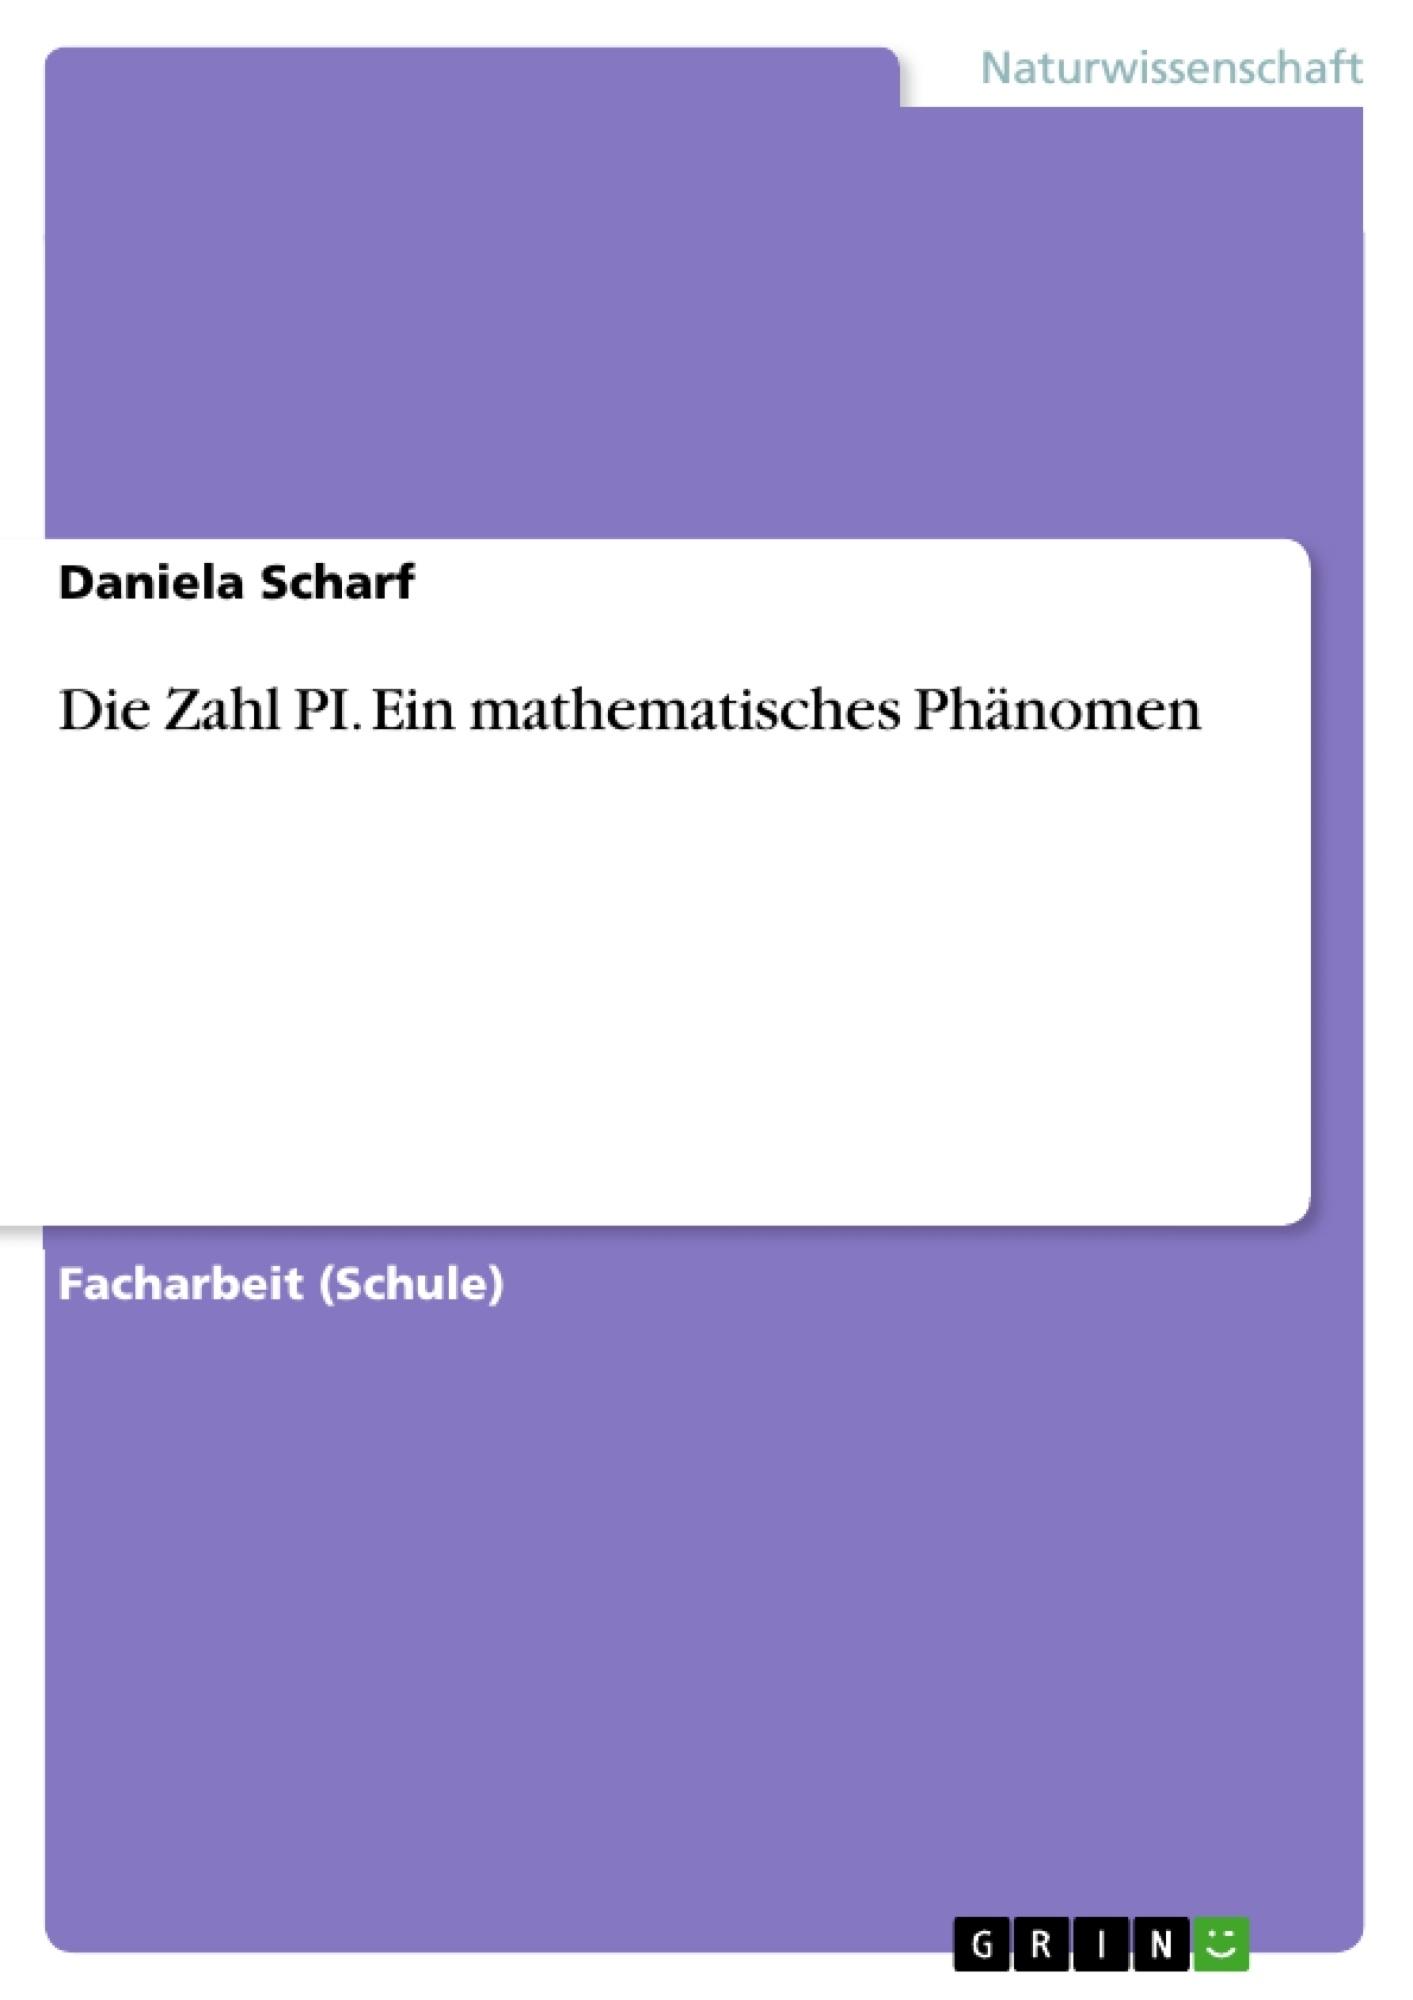 Titel: Die Zahl PI. Ein mathematisches Phänomen